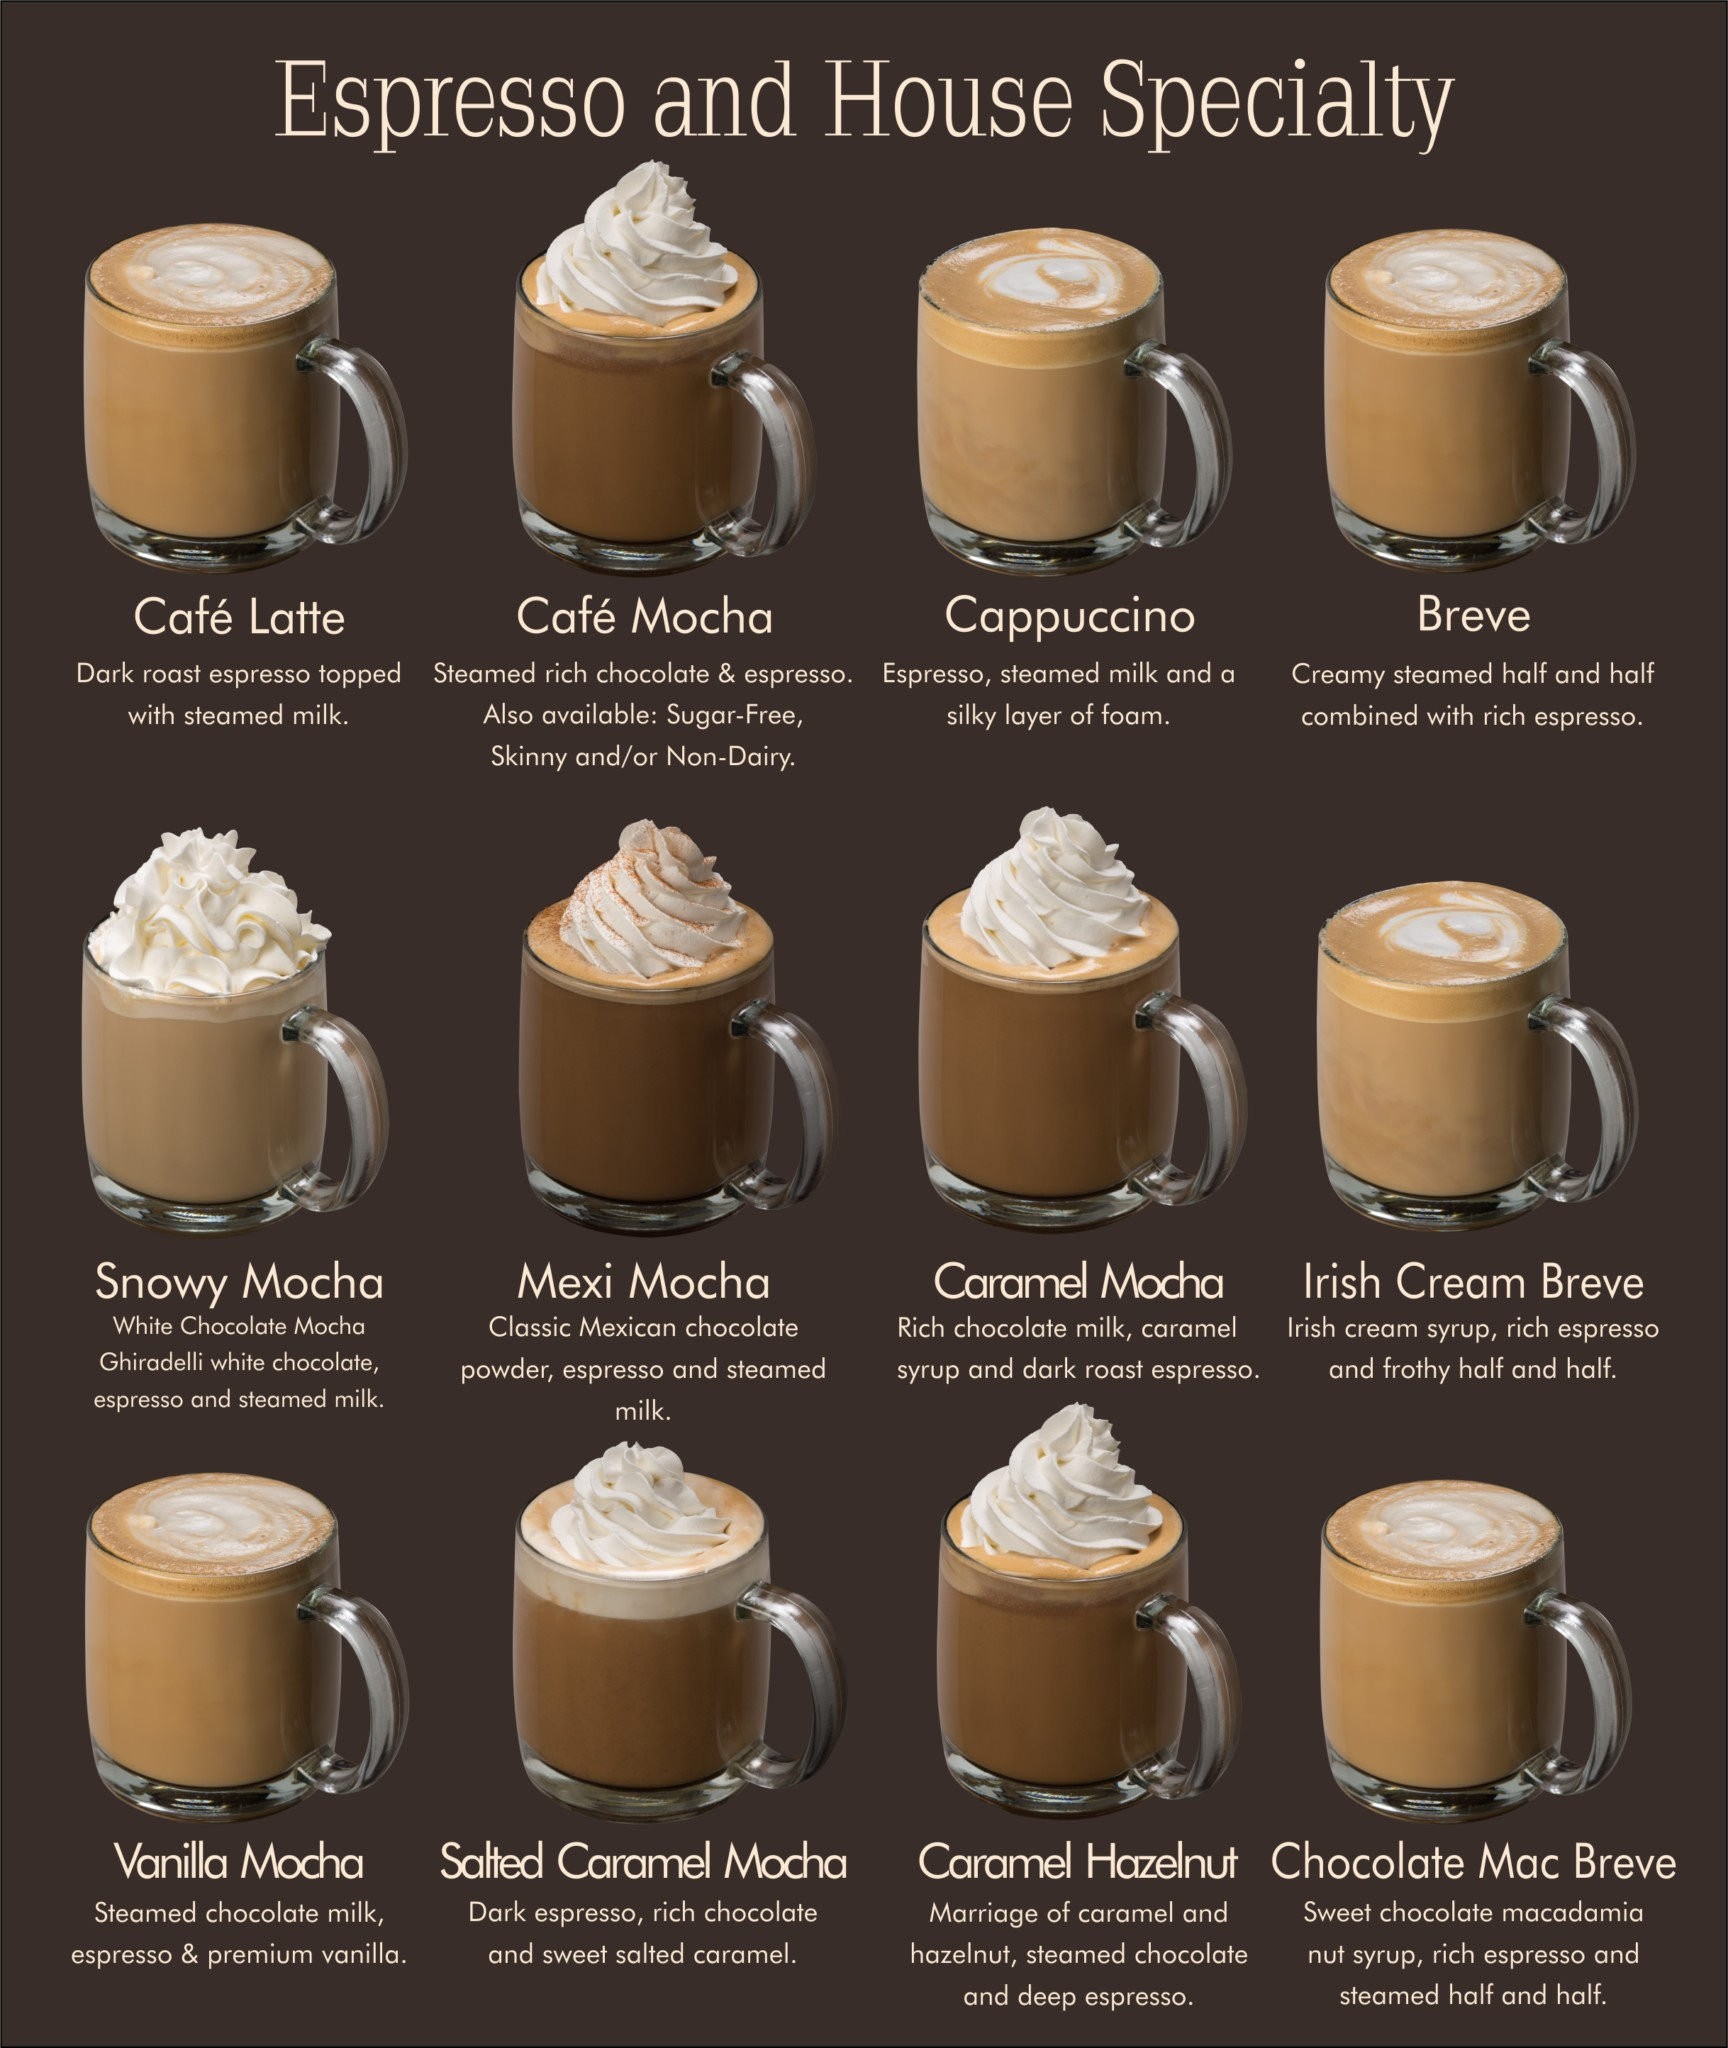 Рецепты кофе бреве – идеальный баланс кофейно-молочного вкуса